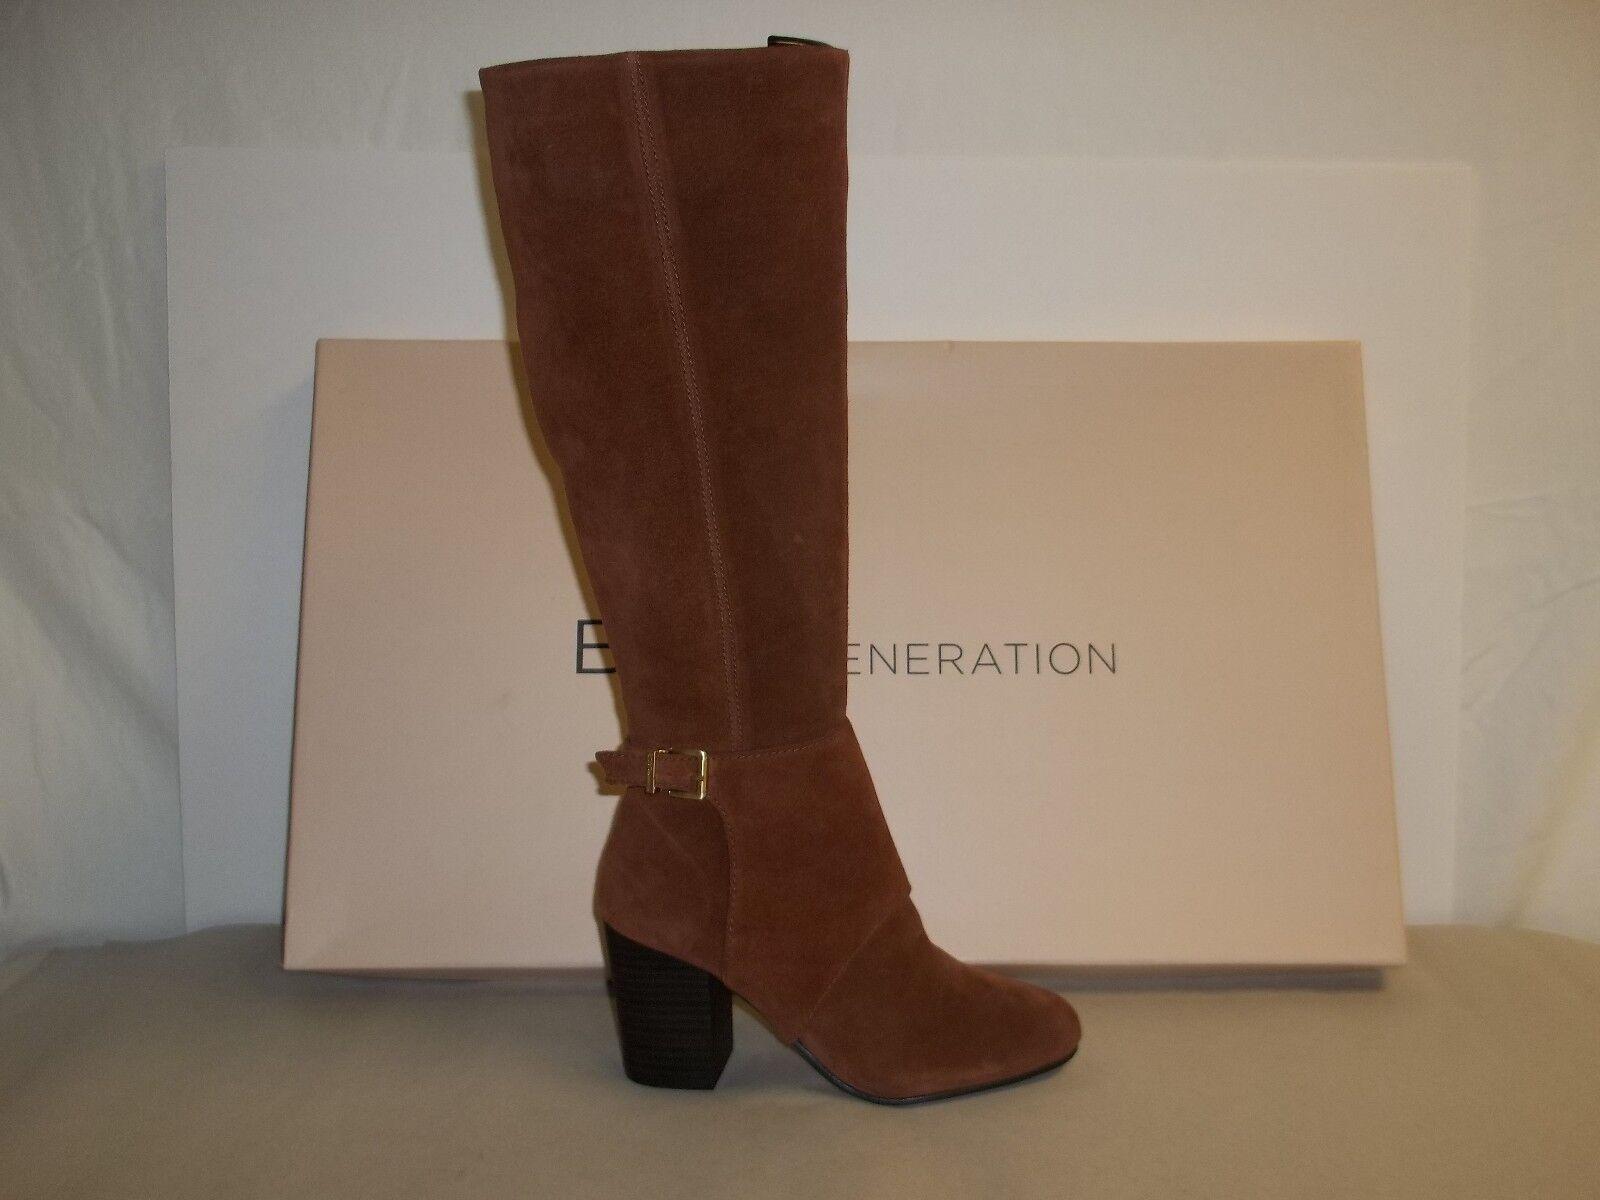 Bcbg Bcbgeneration Talla 6.5 Denver Cognac Gamuza Nuevos Mujer botas Zapatos botas Mujer Hasta La Rodilla aae65c